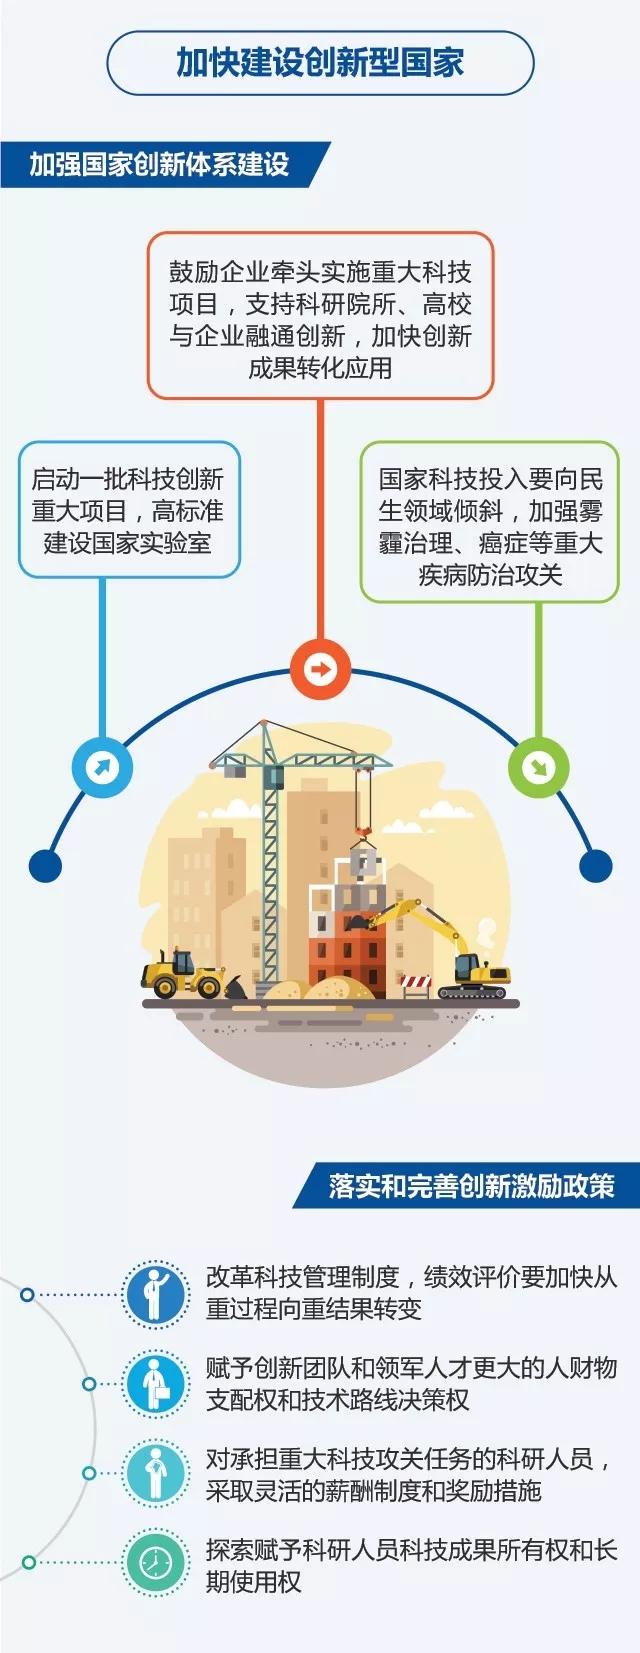 2018中国政府工作报告一图全看懂